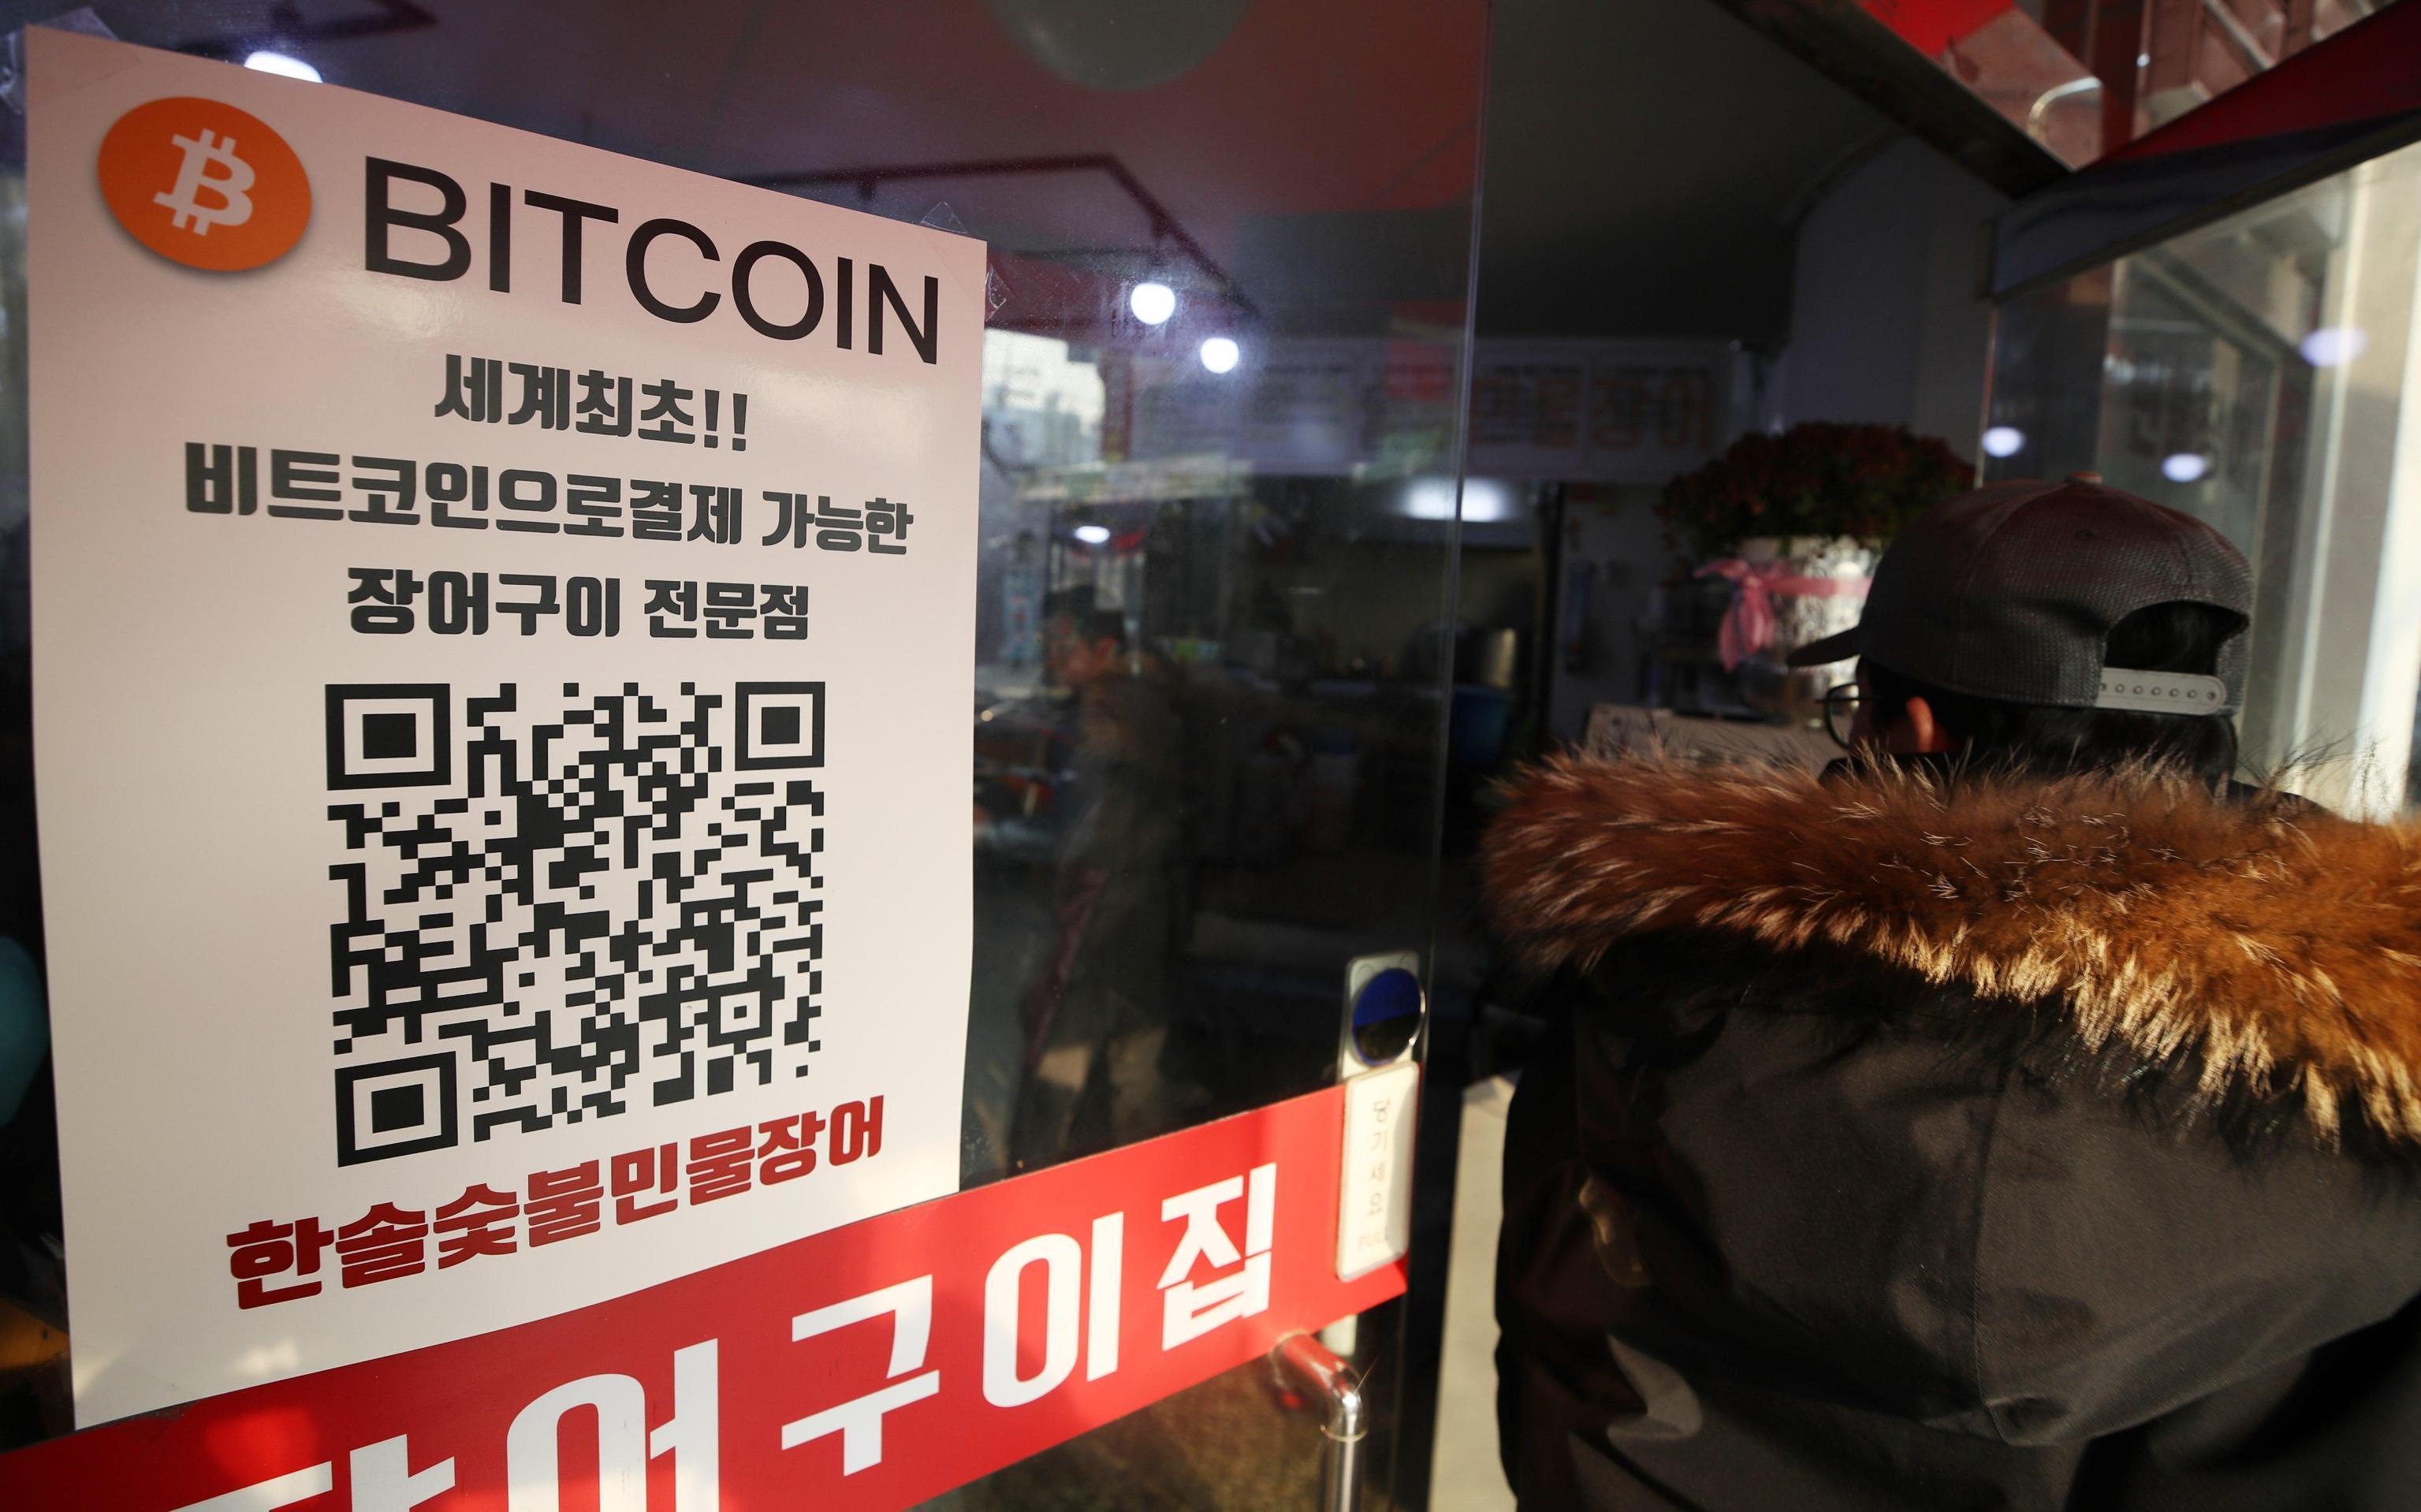 Bitcoin, l'oro digitale che rivoluzionerà il mondo: NanoPress intervista l'avvocato Giovanni Bonomo